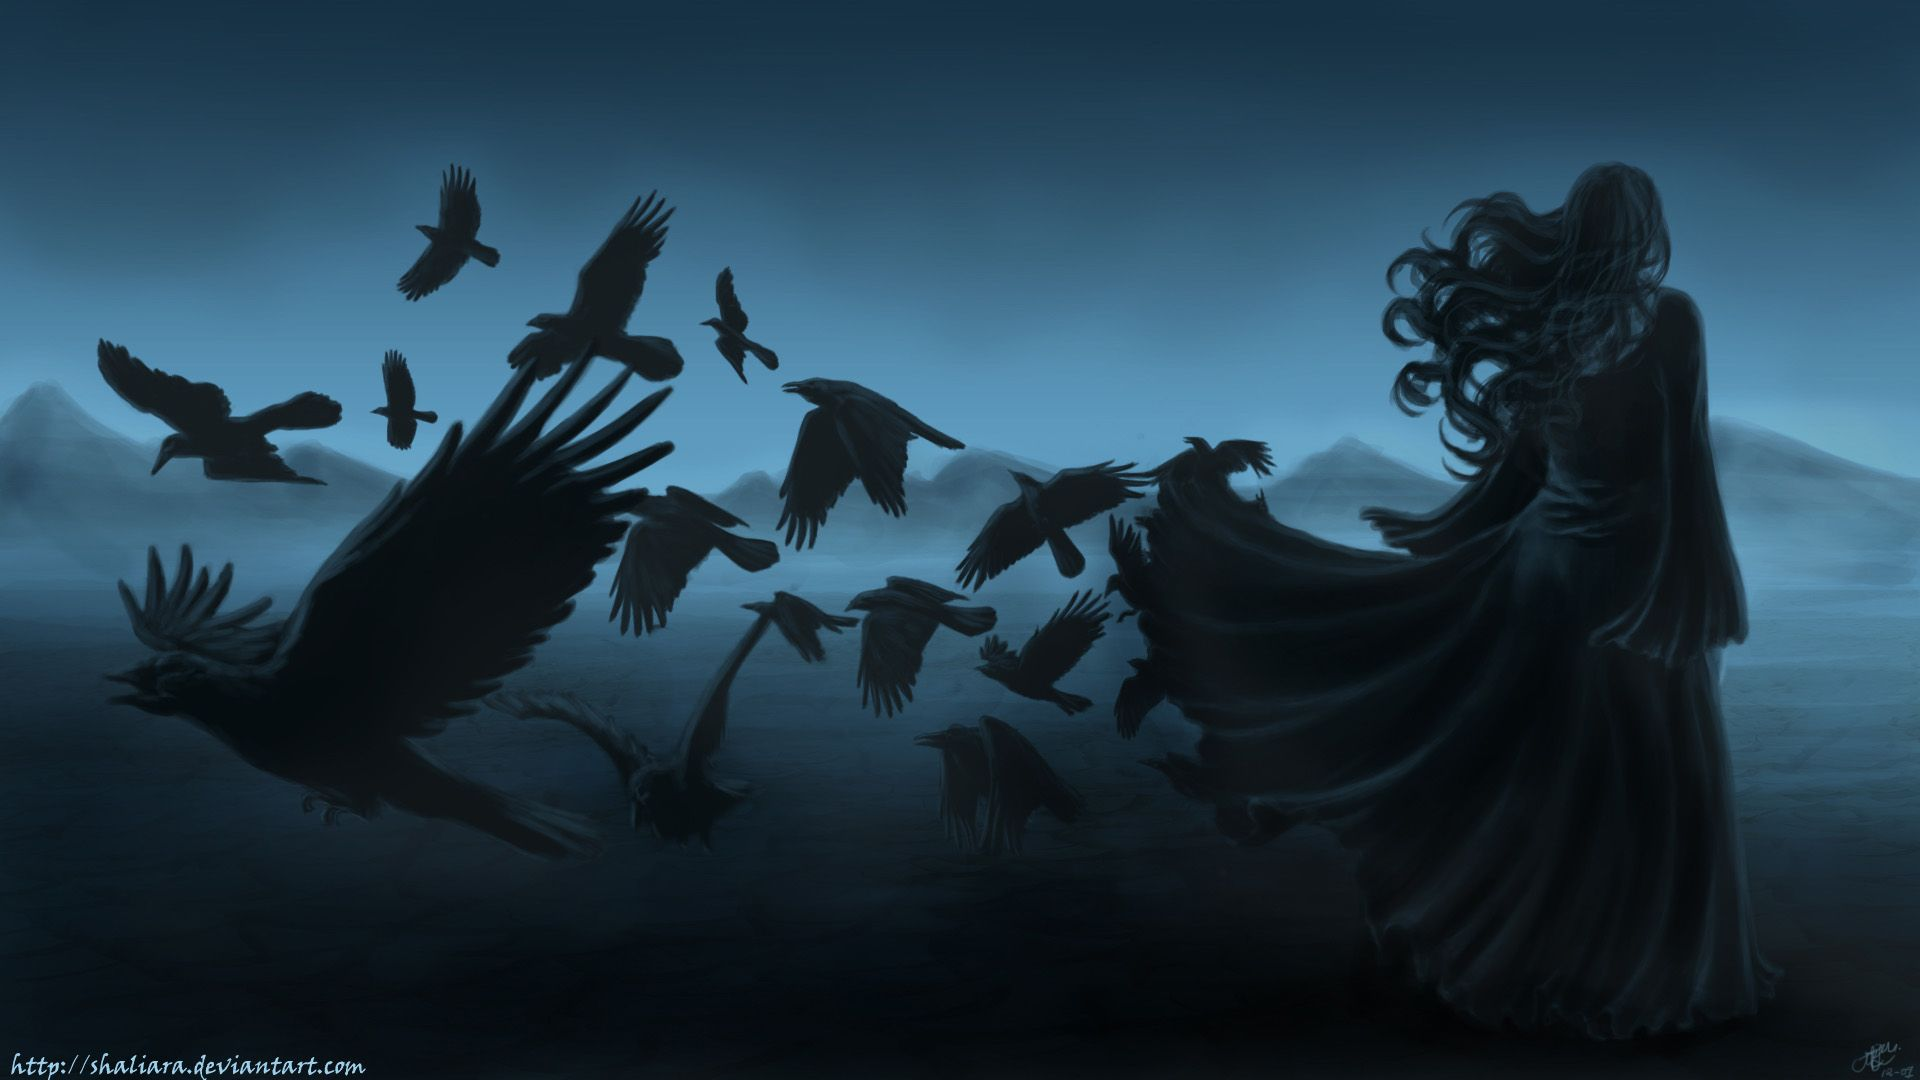 Dark Gothic Art Wallpapers - Wallpapersafari Simply Goth